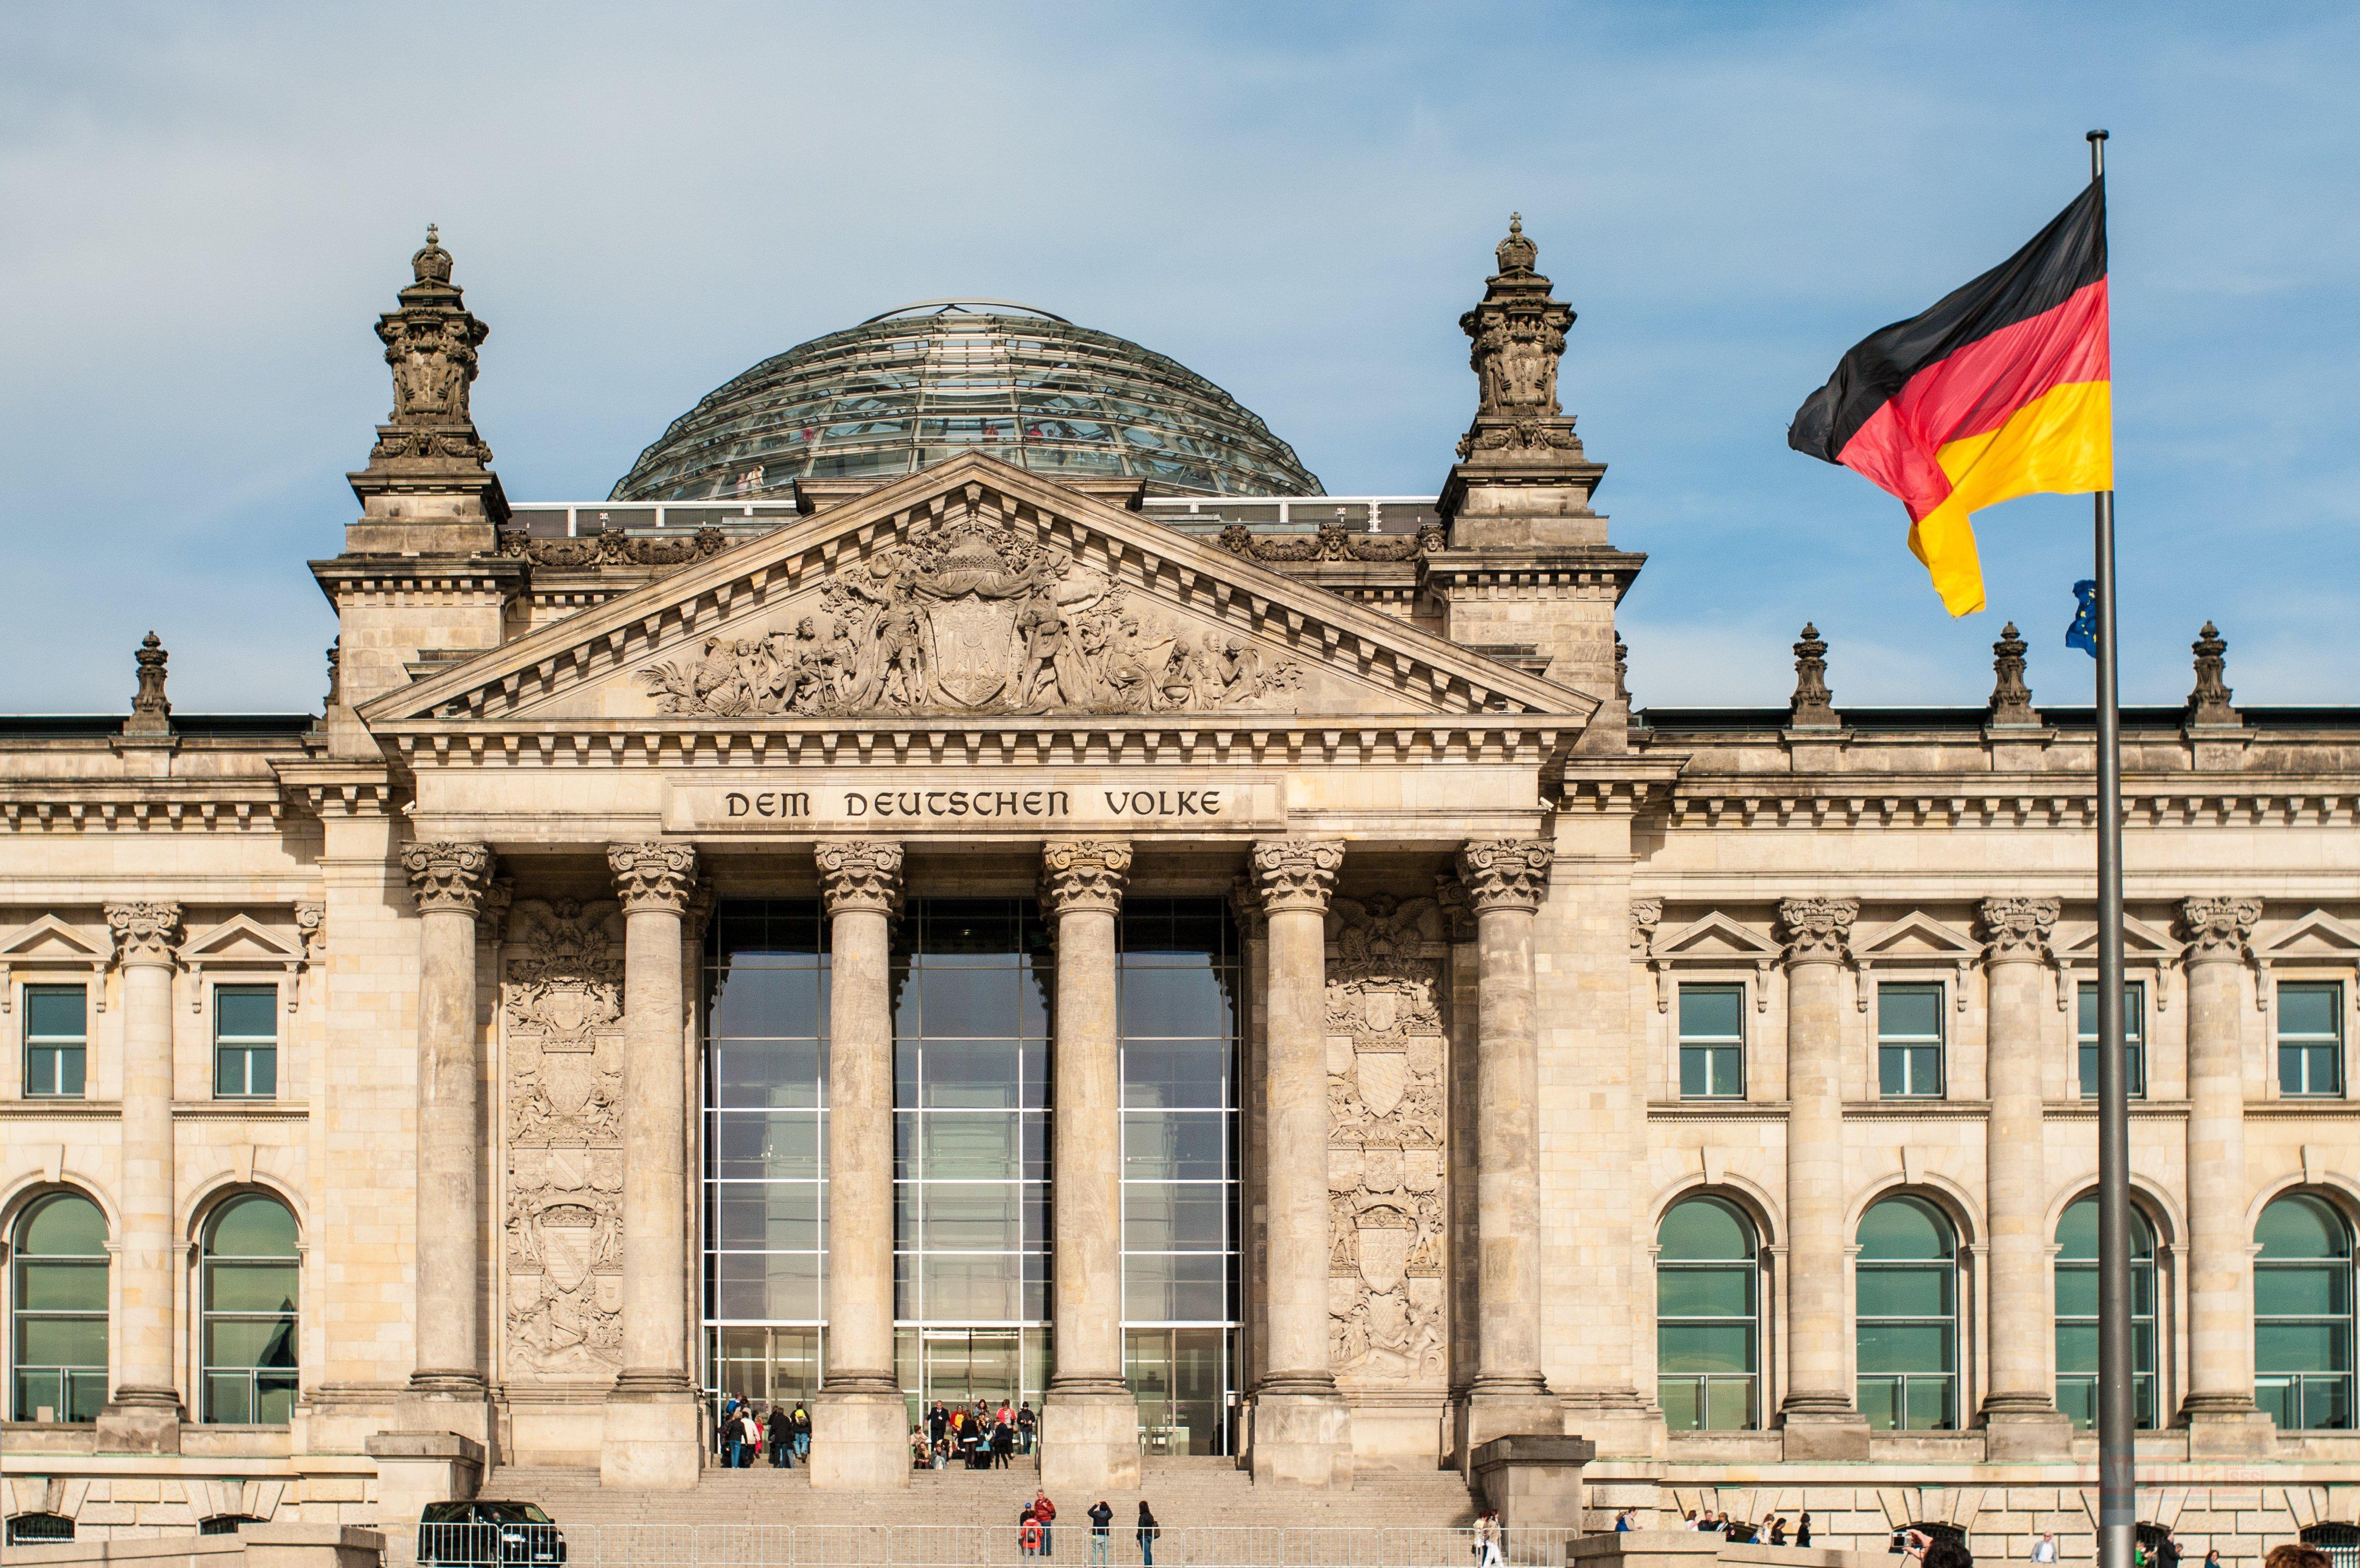 Almanya'da siyasetçilerin kişisel bilgilerinin ifşa edilmesi